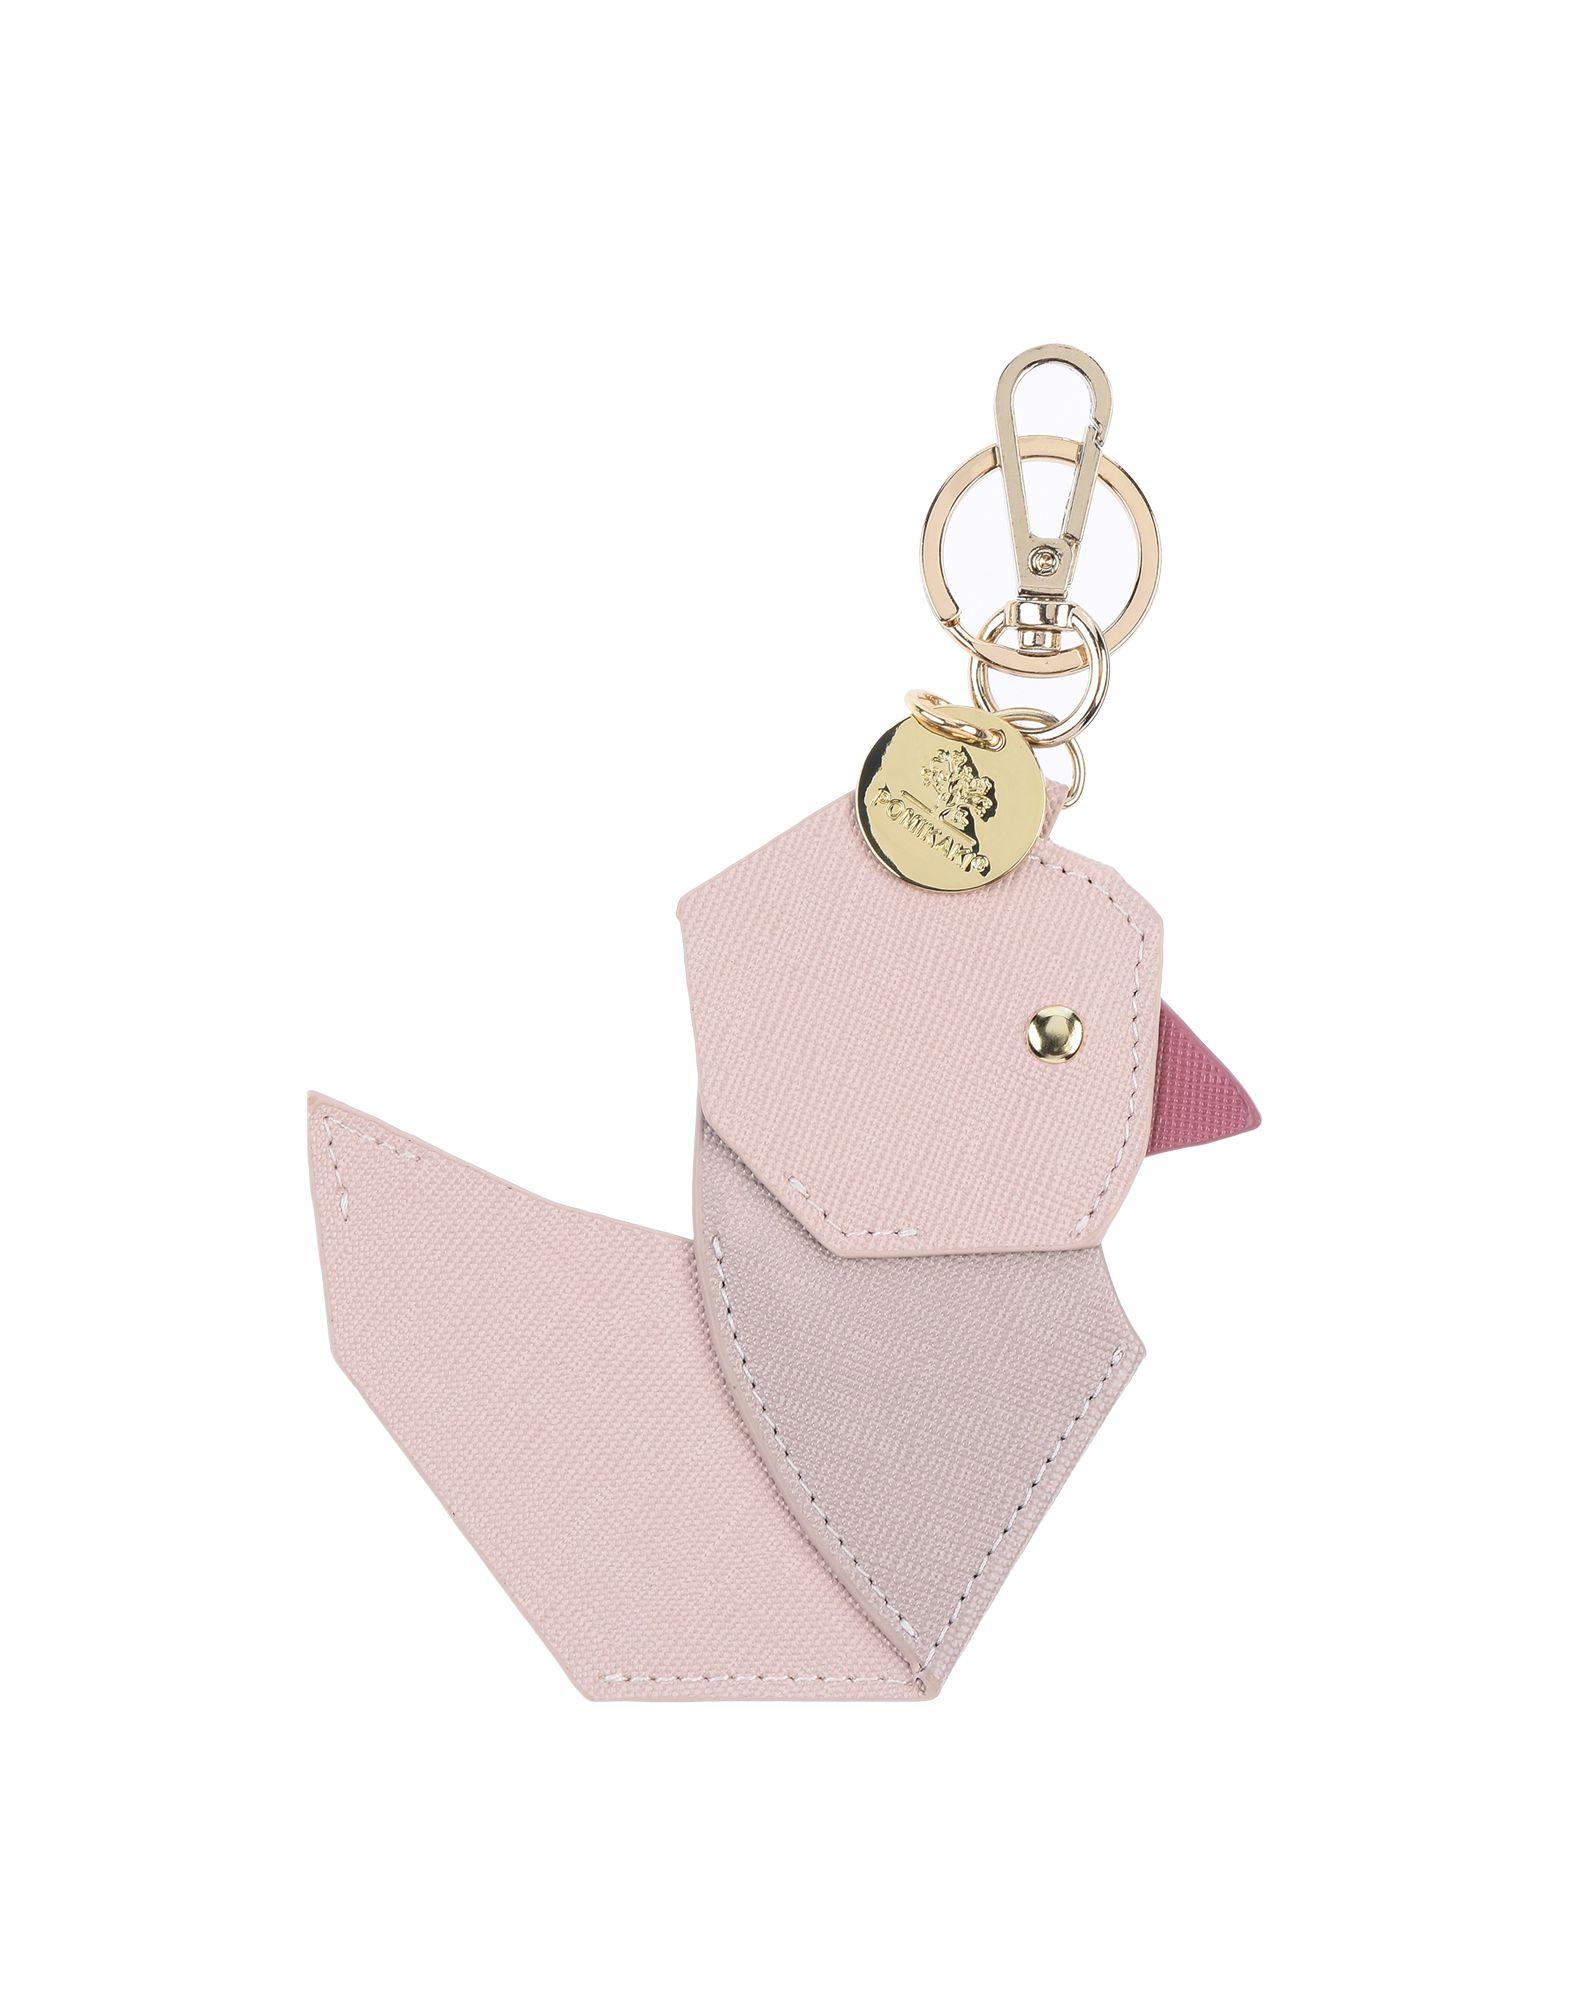 POMIKAKI Брелок для ключей jobon zhongyin брелок для ключей кольцо для ключей цепочка цепочка волокно кожа ребенок мать весна талия висит тип ретро черный никель zb 116b